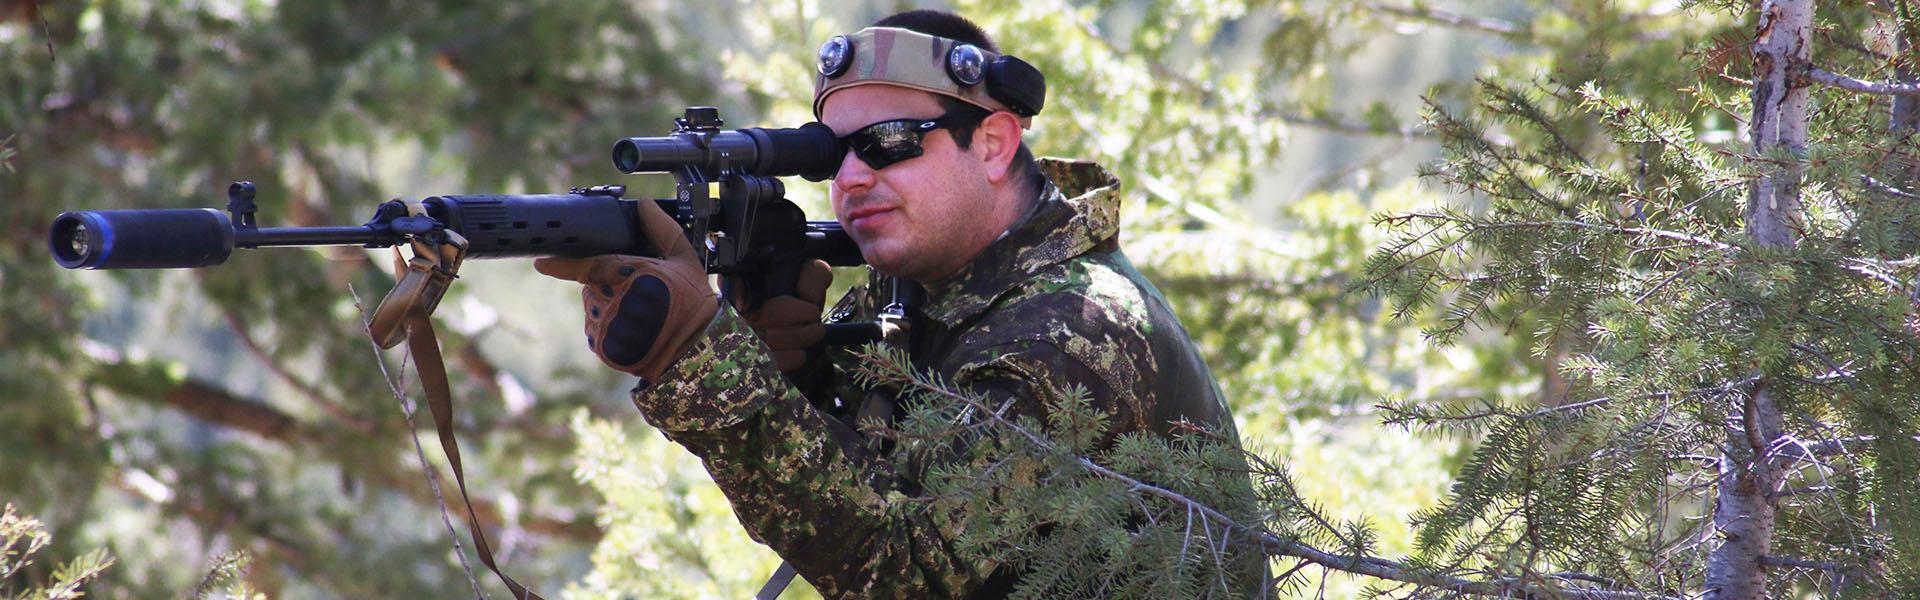 Stryker-Sniper-Kneeling1920x600